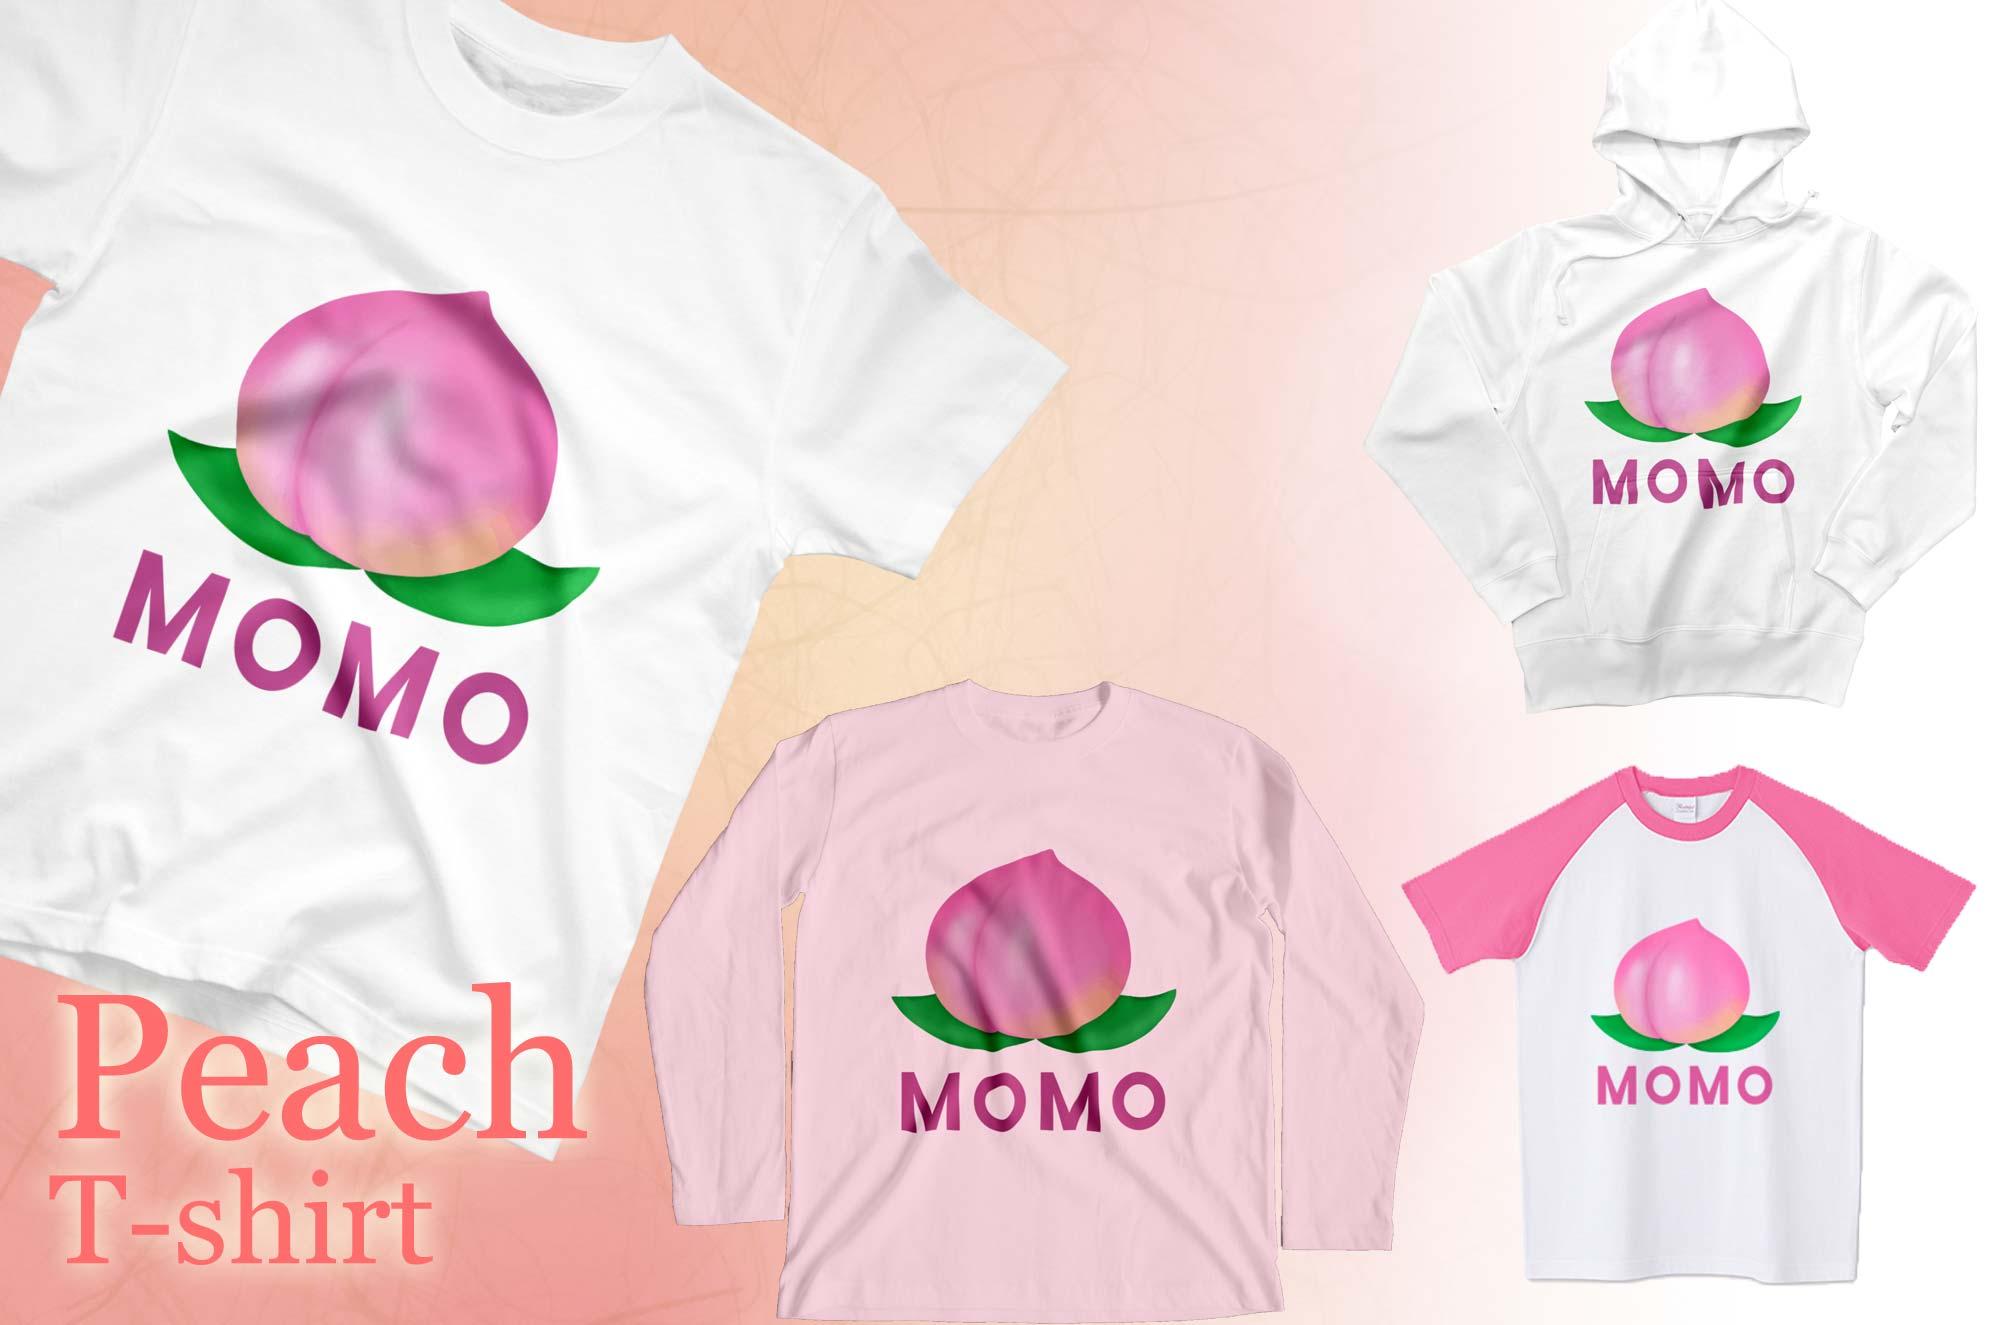 桃Tシャツ - おもしろ可愛い果物のデザイン